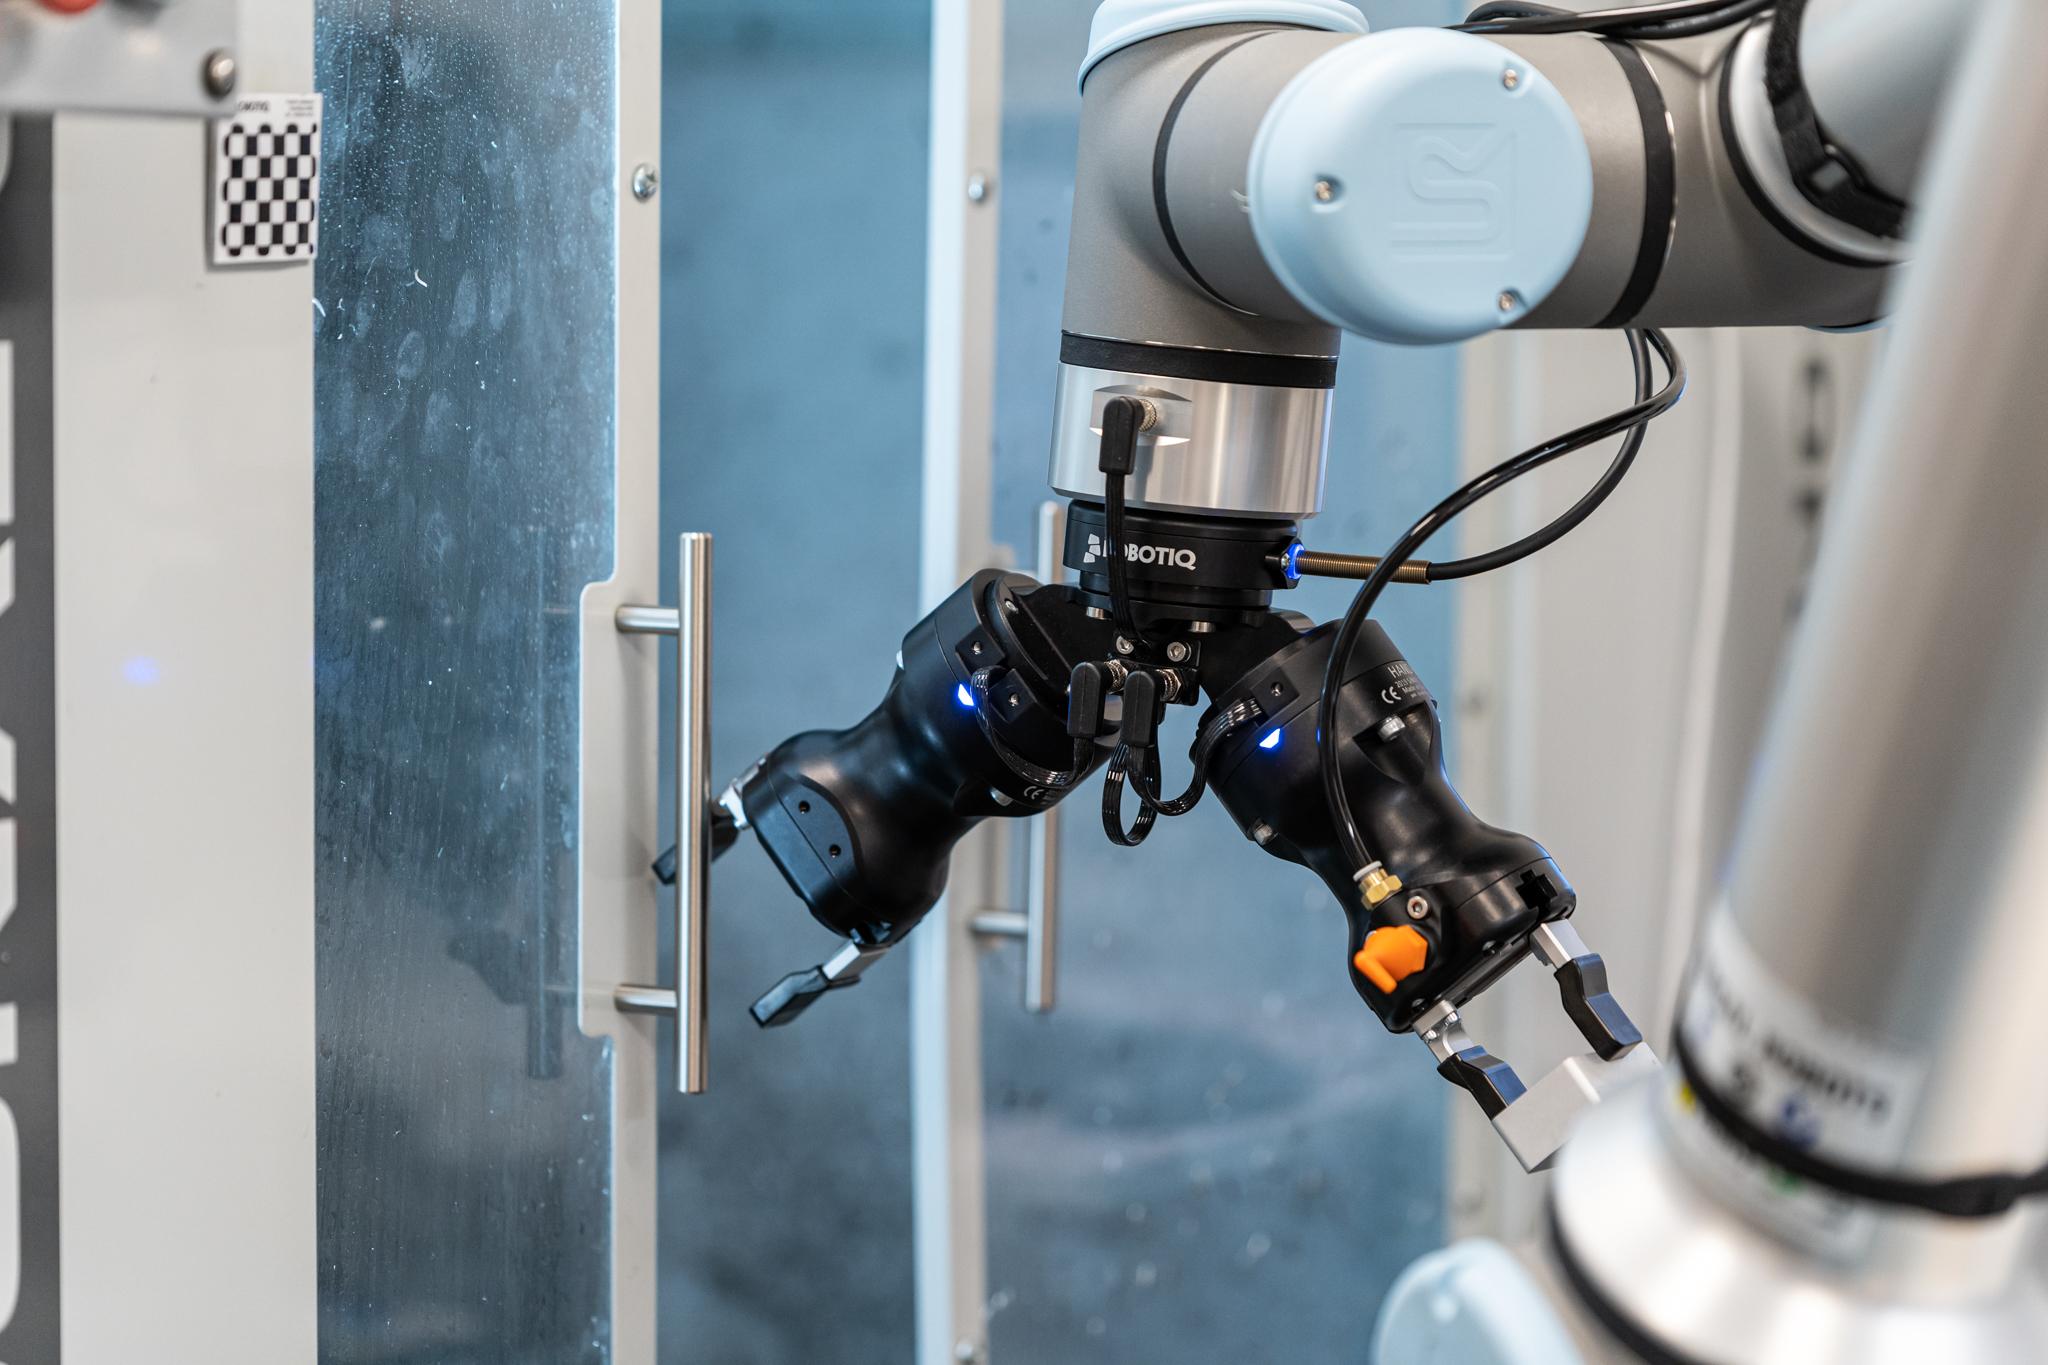 Robotiq CNC Machining kit